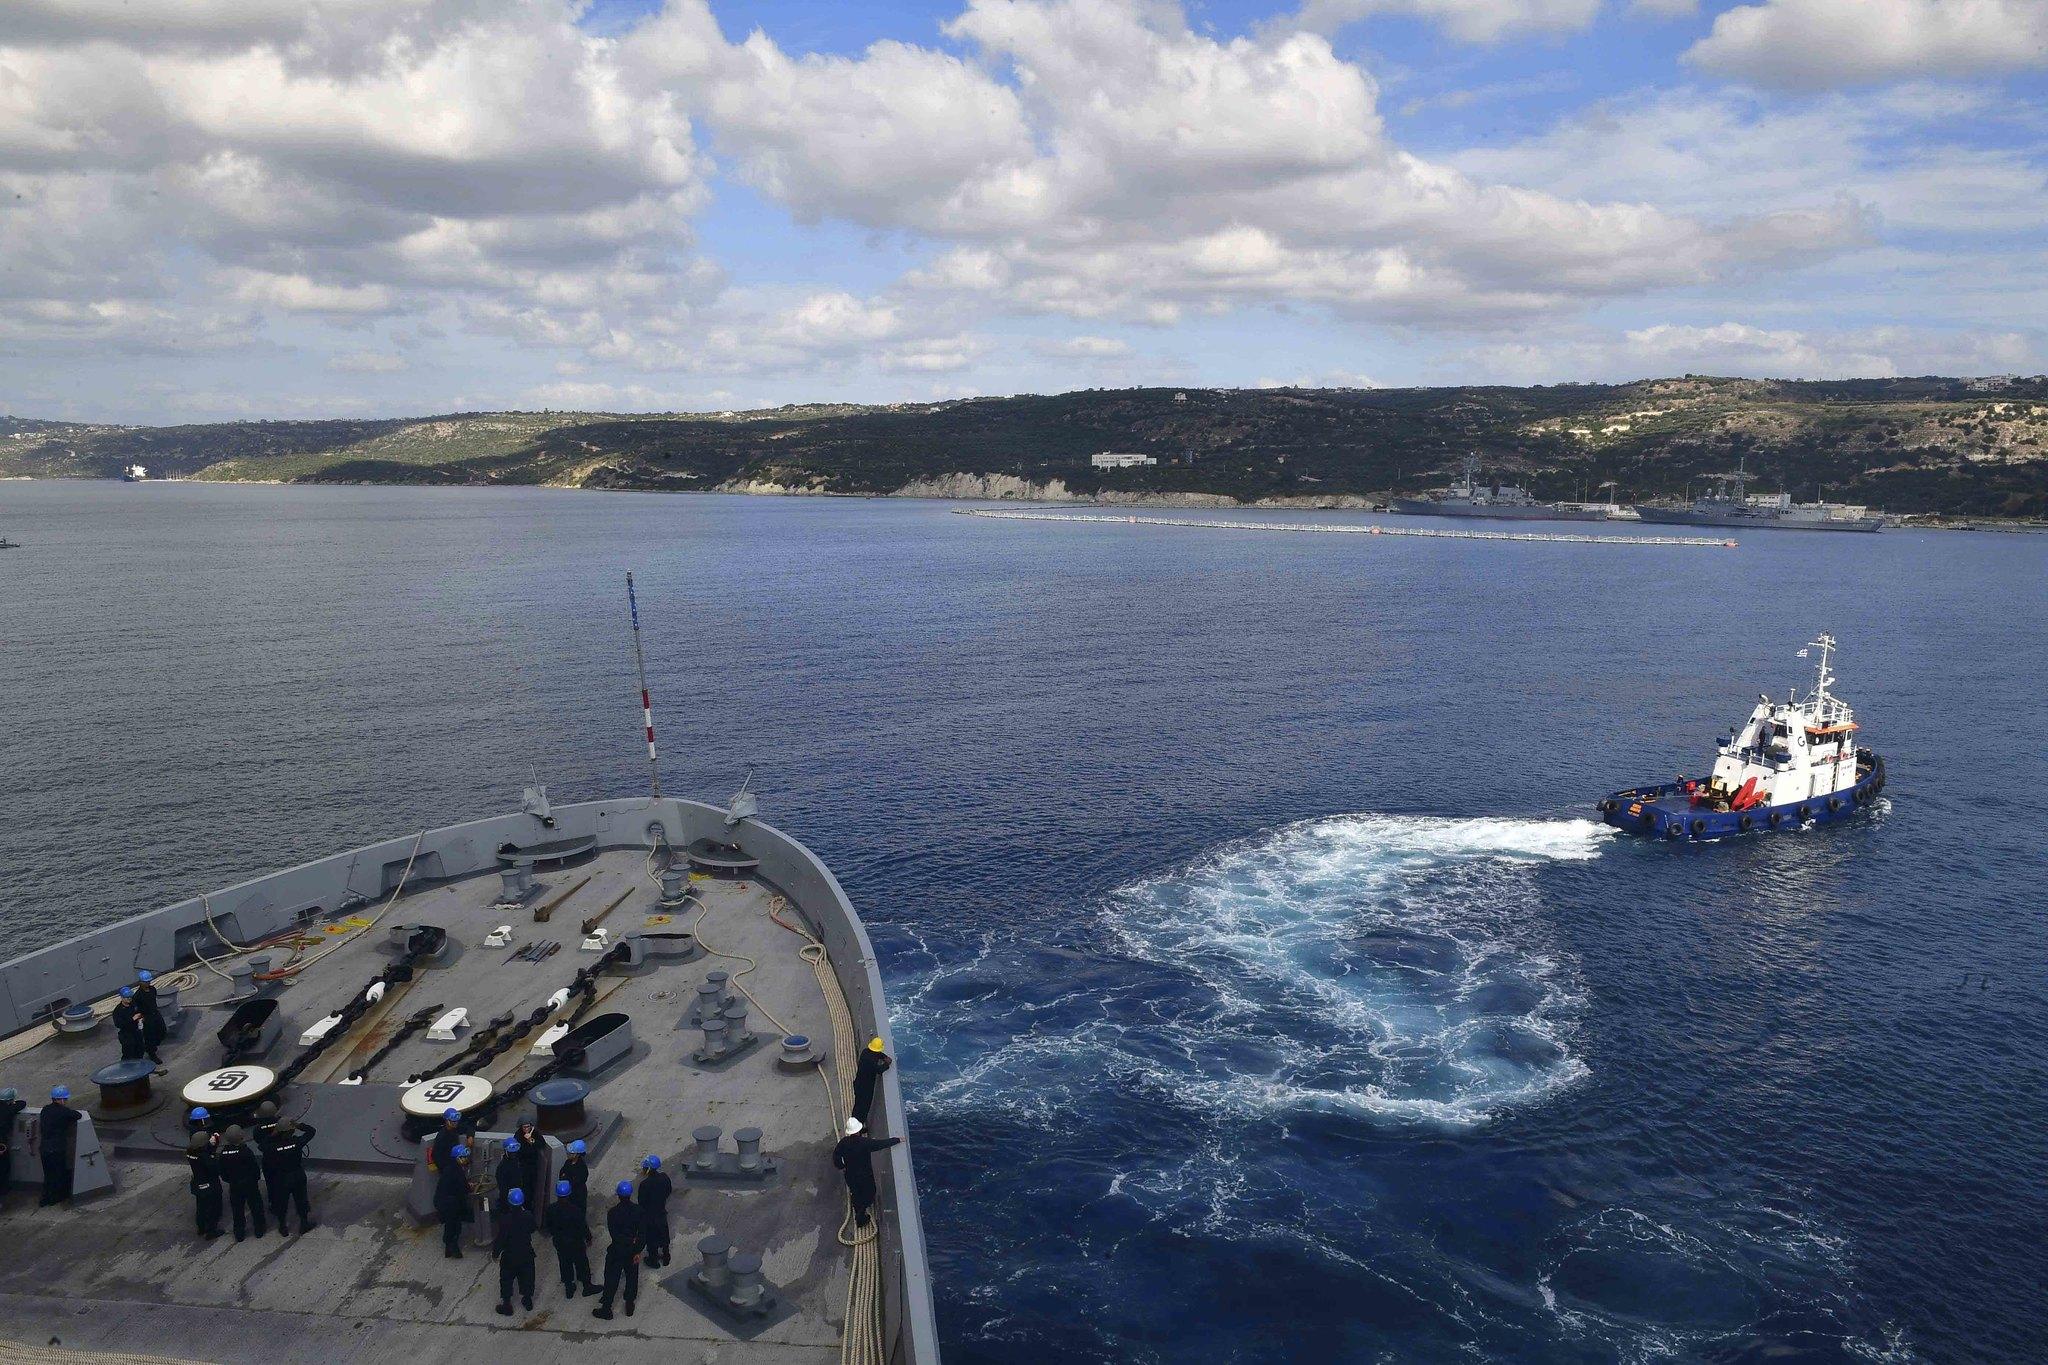 Uss san diego arrives in souda bay greece u s naval for Sejour complet grece